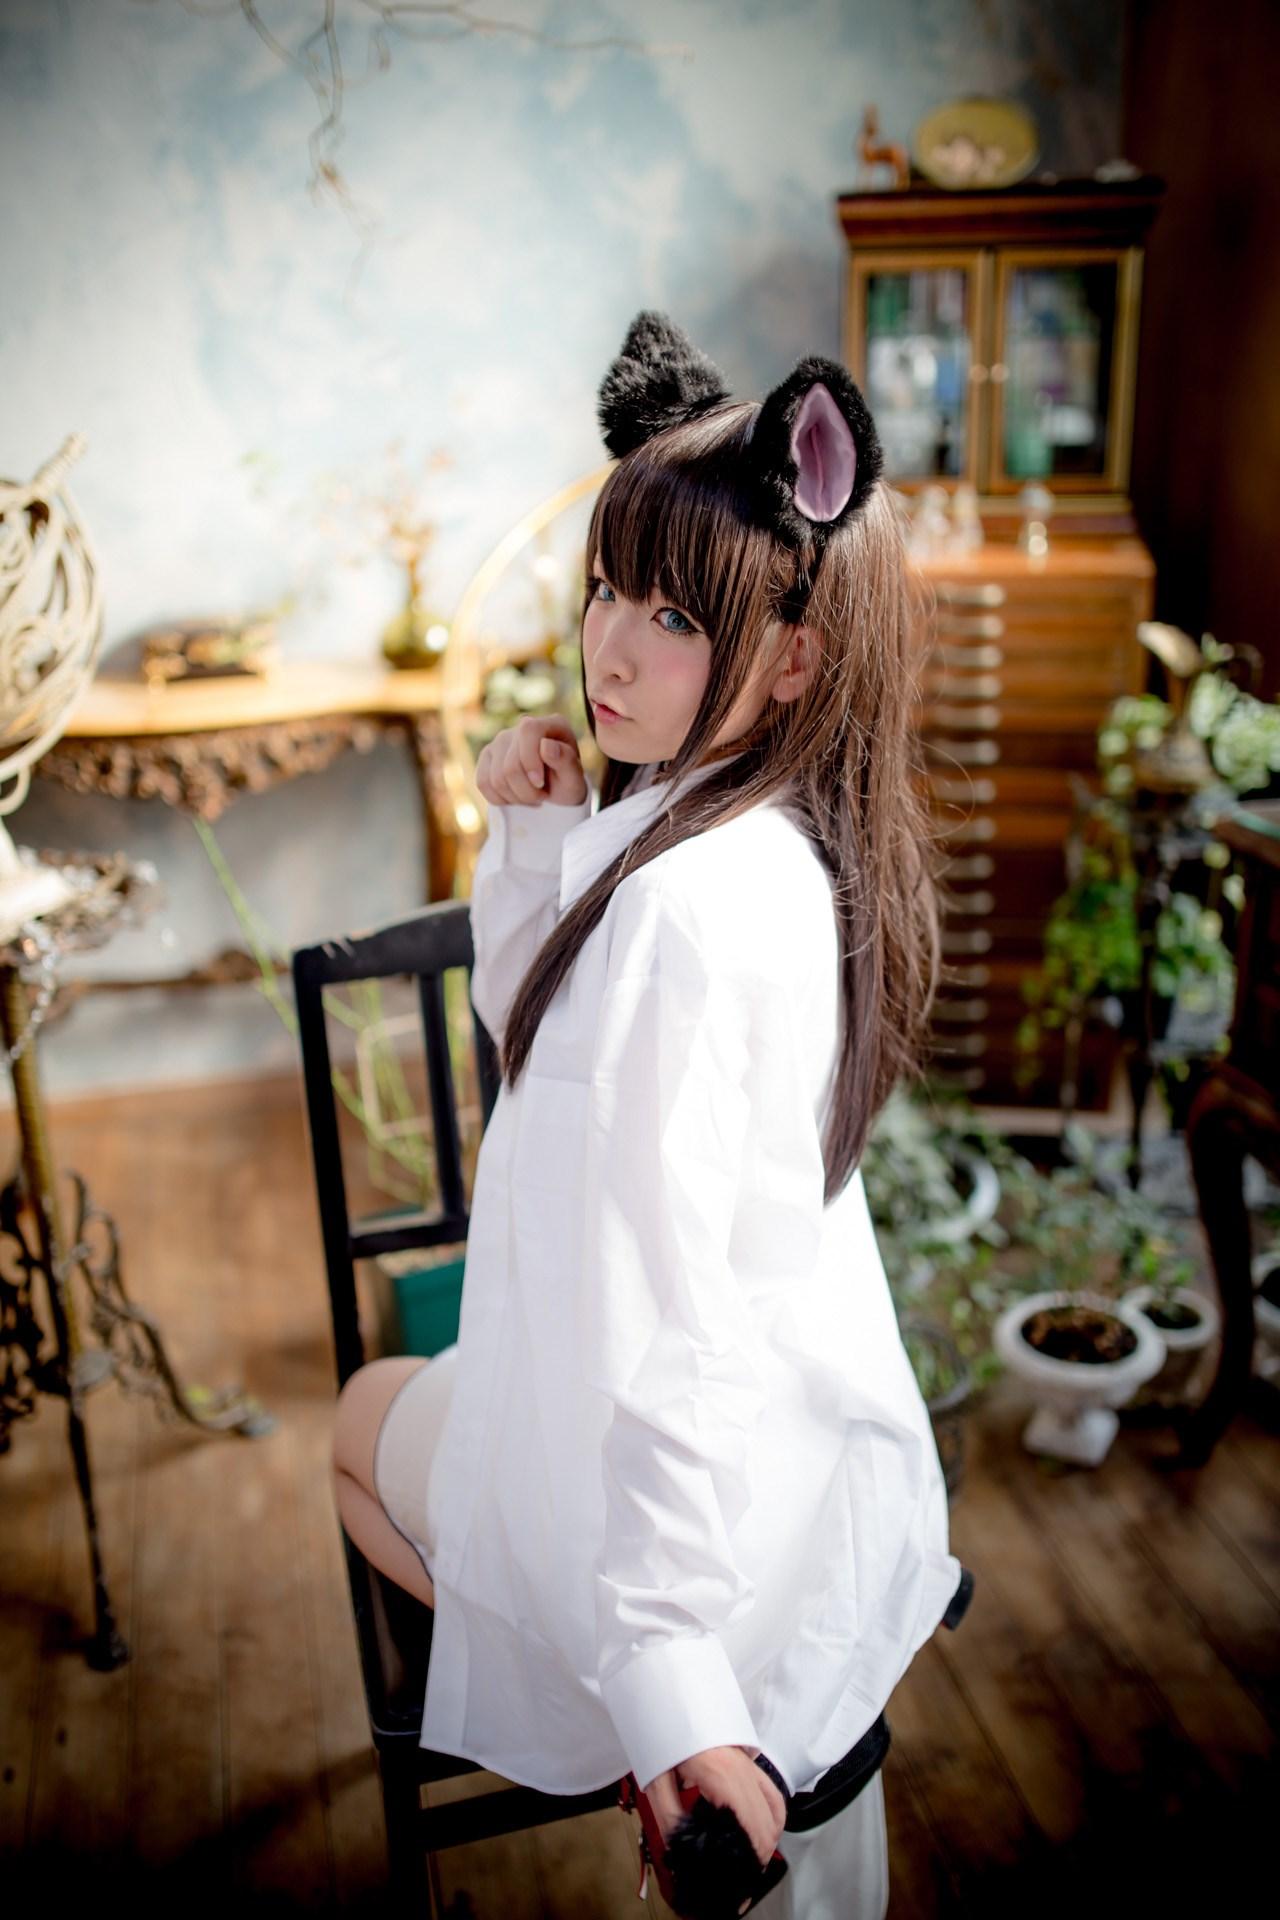 【兔玩映画】猫耳娘 兔玩映画 第22张